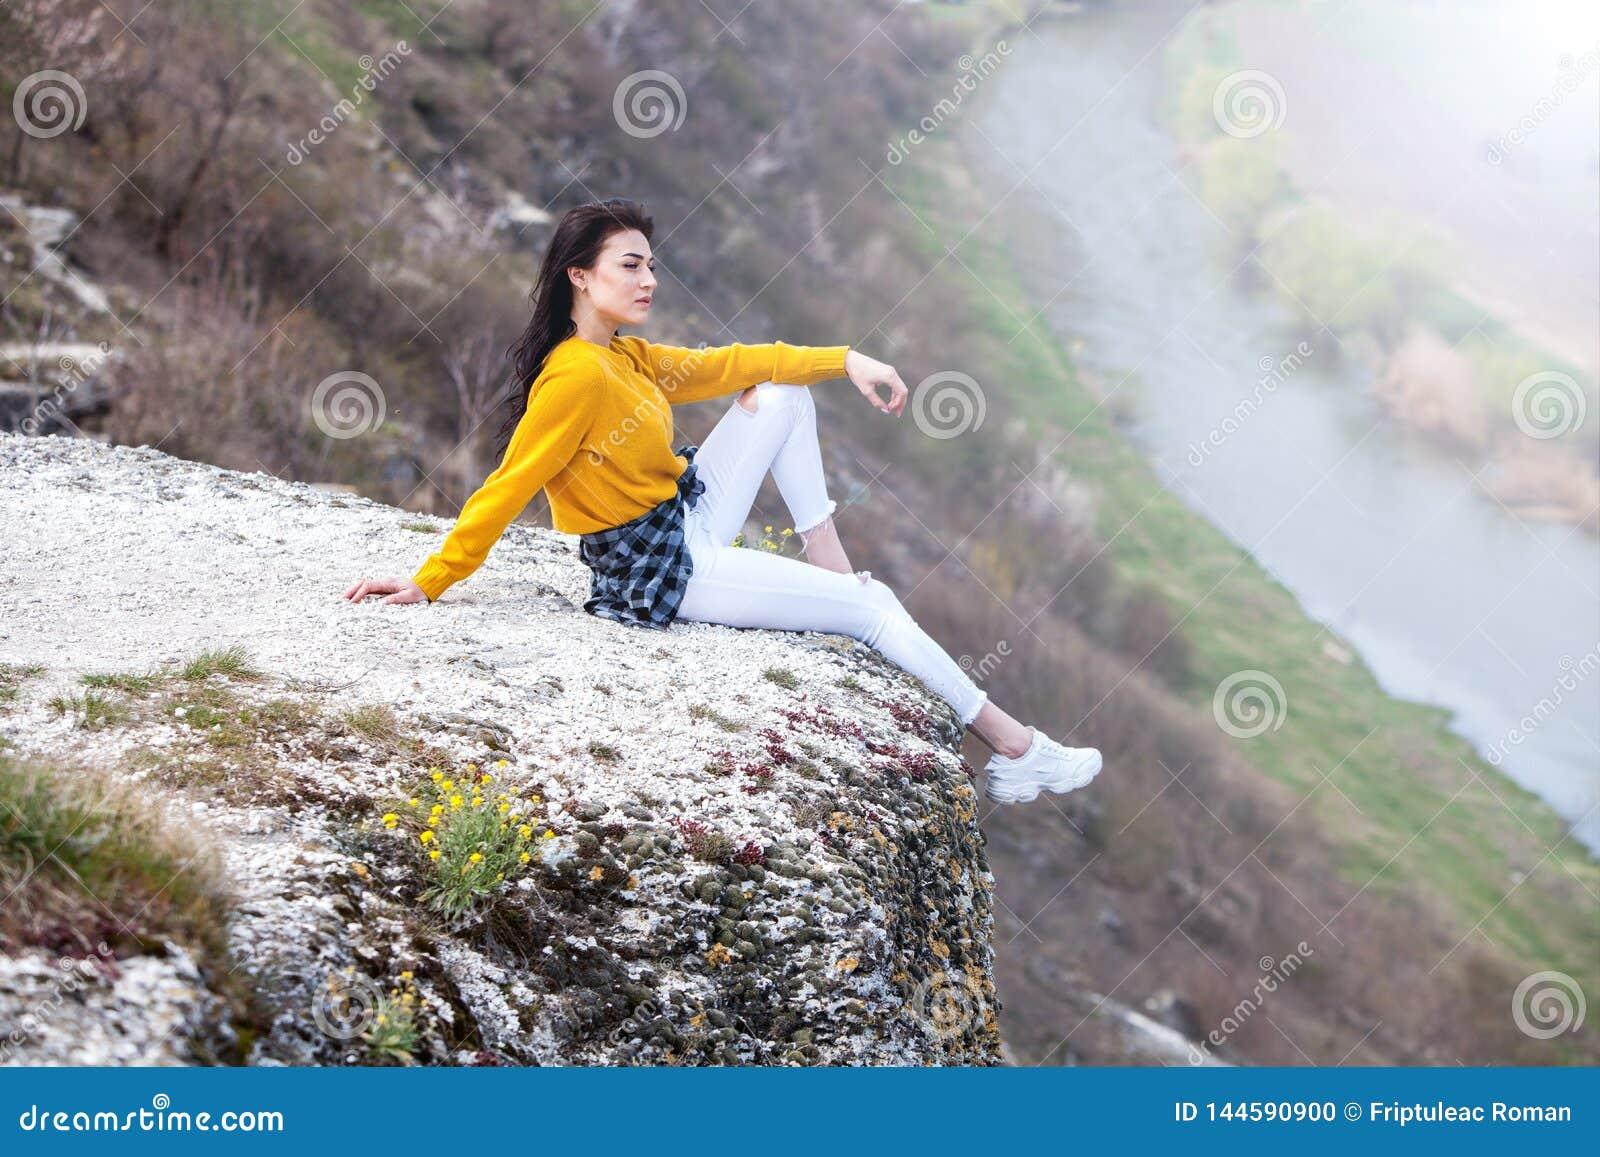 Молодая девушка путешественника сидит на верхней части долины Маленькая девочка любит дикую жизнь, перемещение, свободу Женщина п